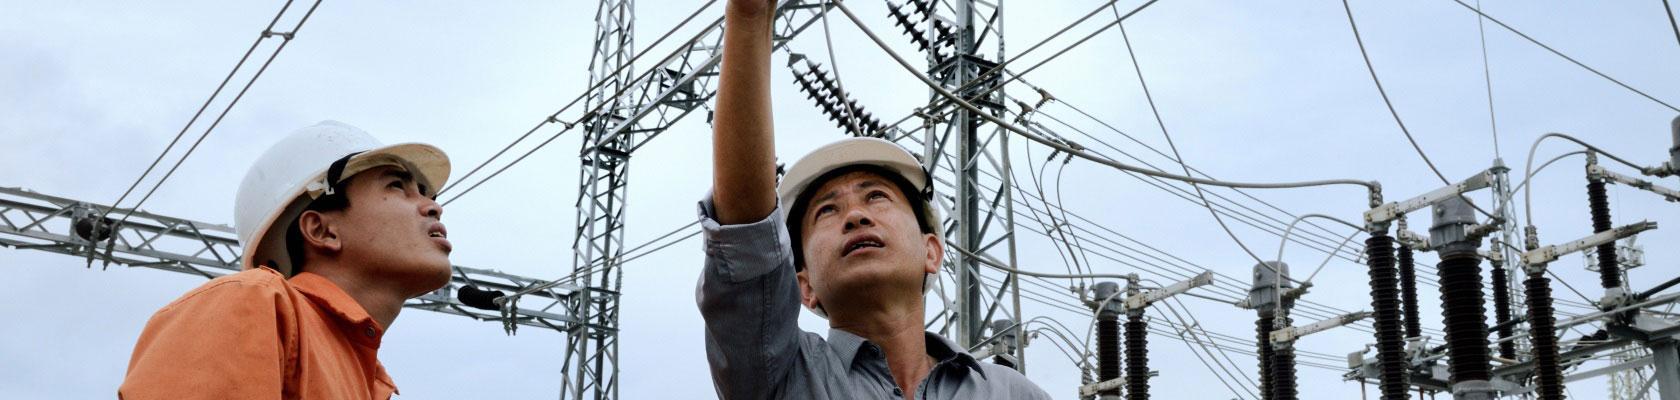 station de transformation, électricité, énergie, Vietnam